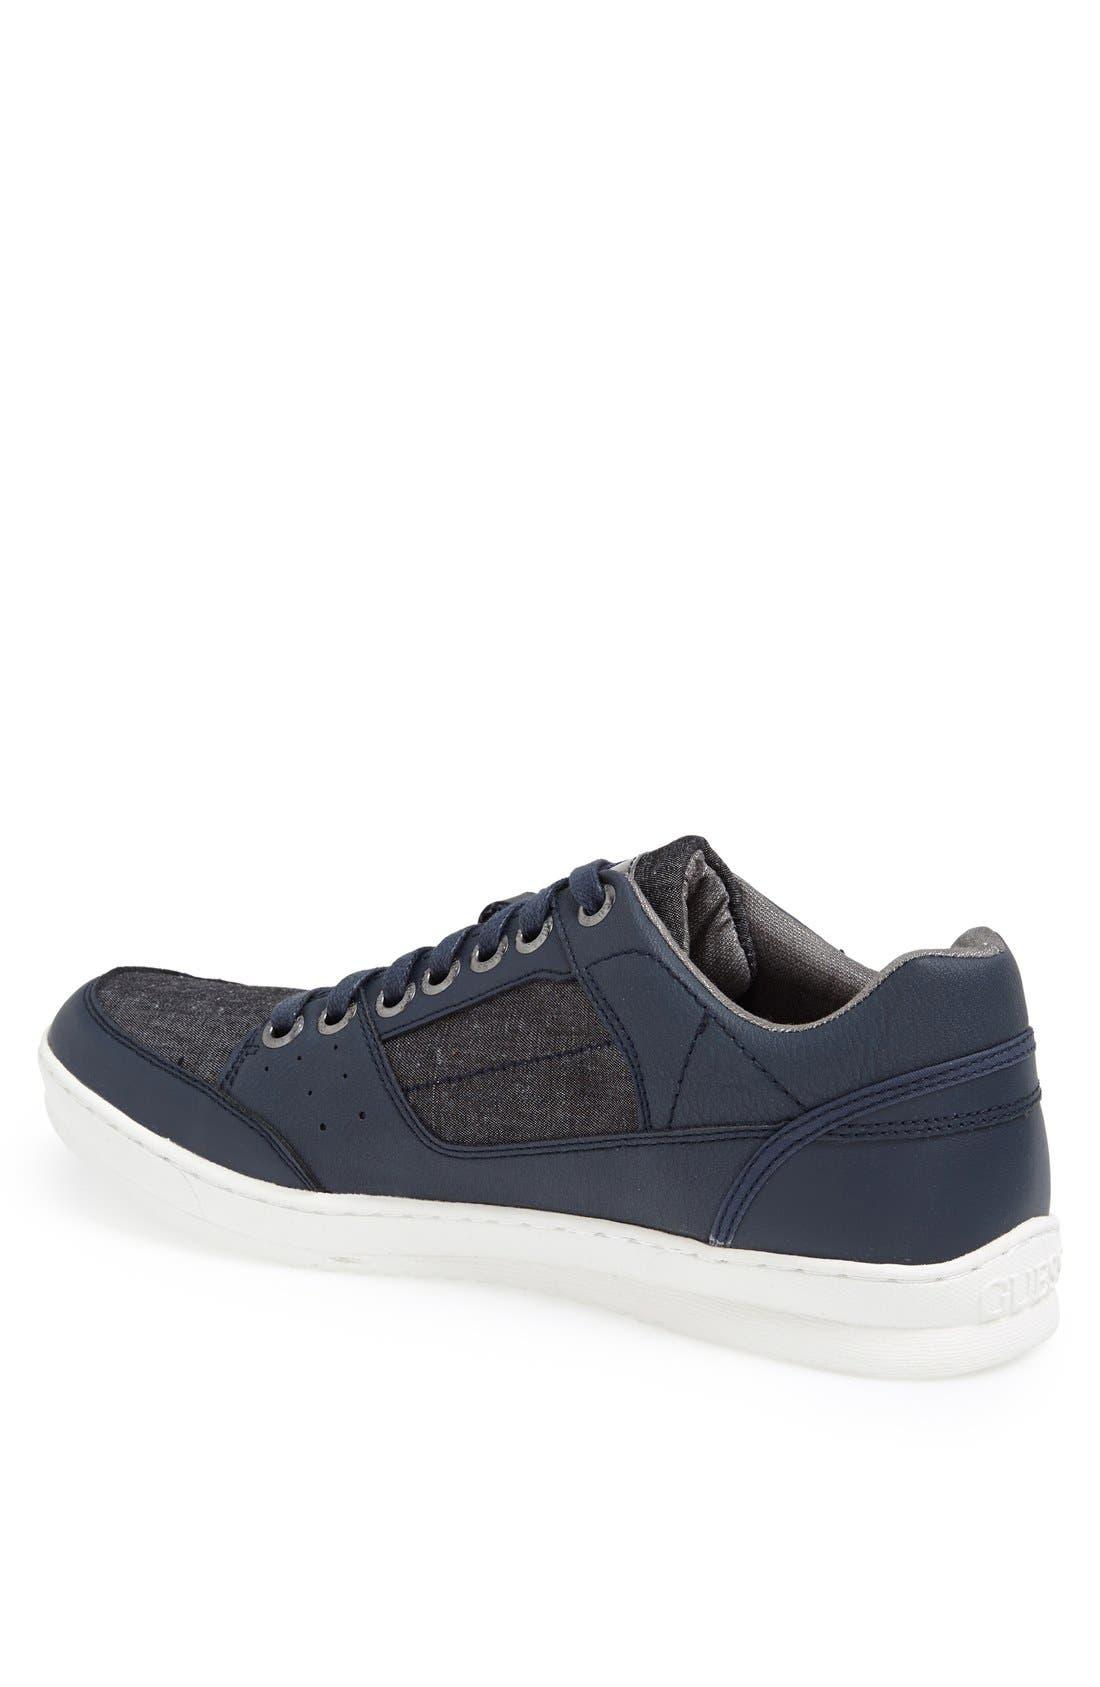 Alternate Image 2  - GUESS 'Thurstan' Sneaker